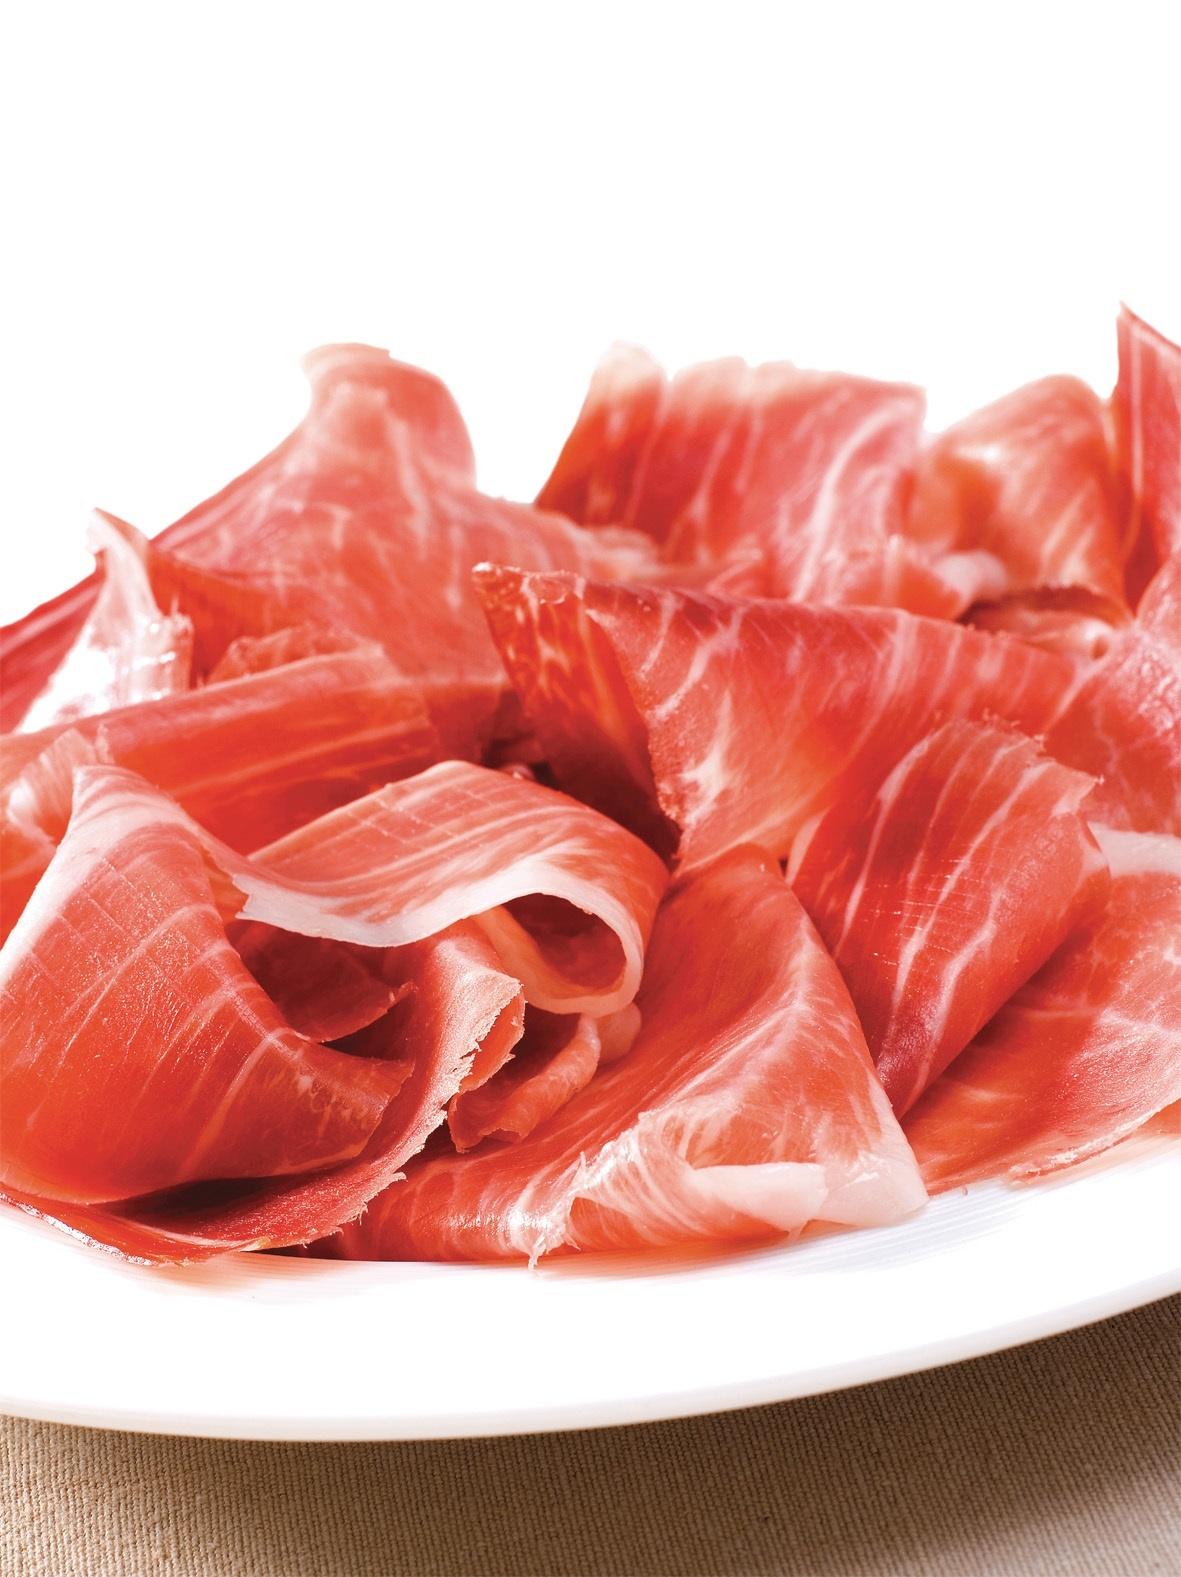 España exporta en 2012 un total de 26.688 toneladas de jamón y paletas curados, un 8,7% más